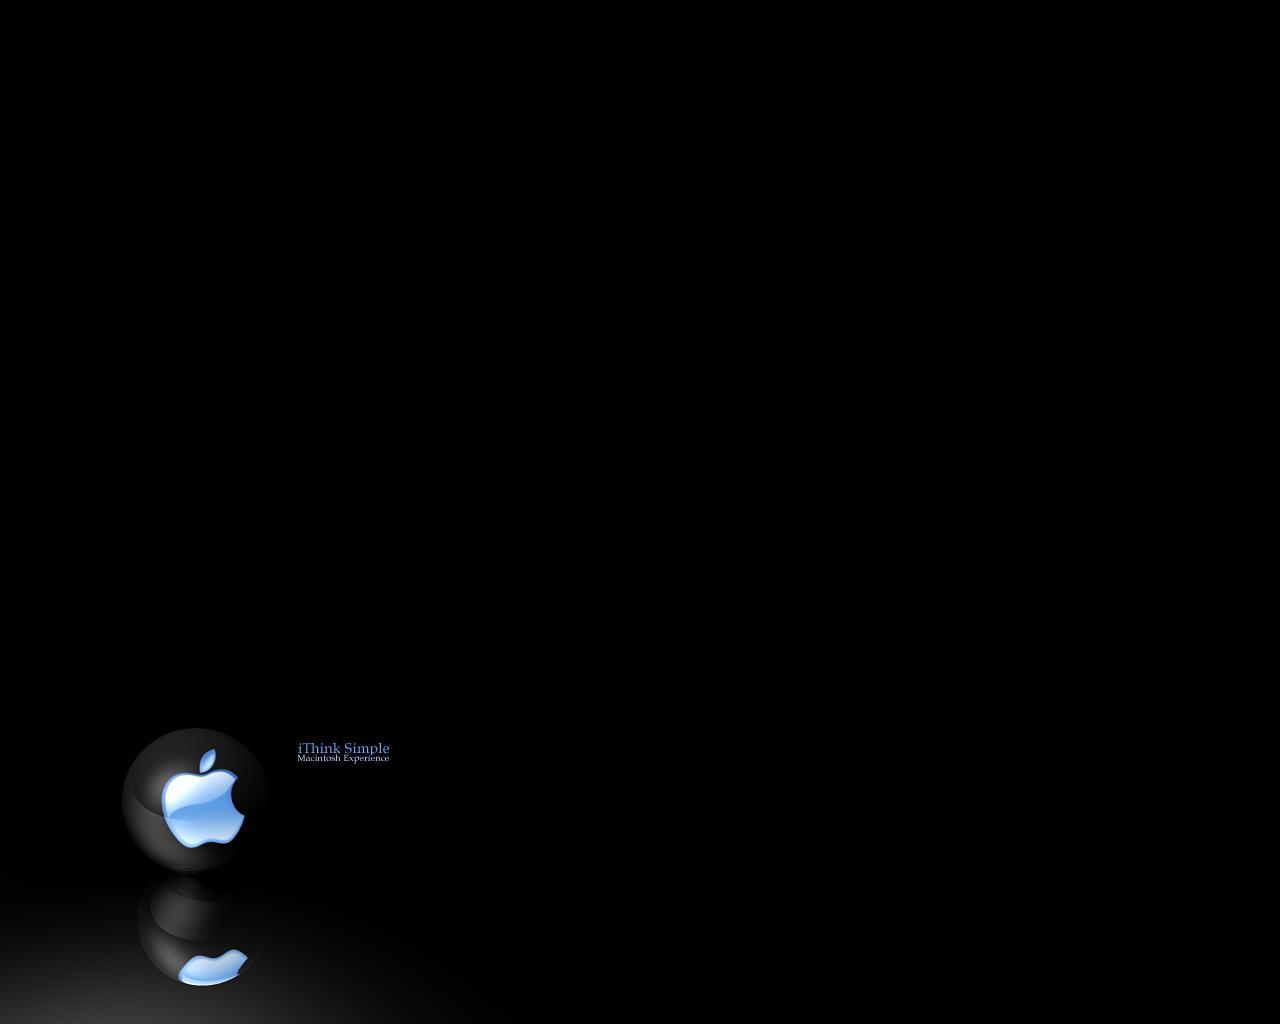 osApple01hi5.png